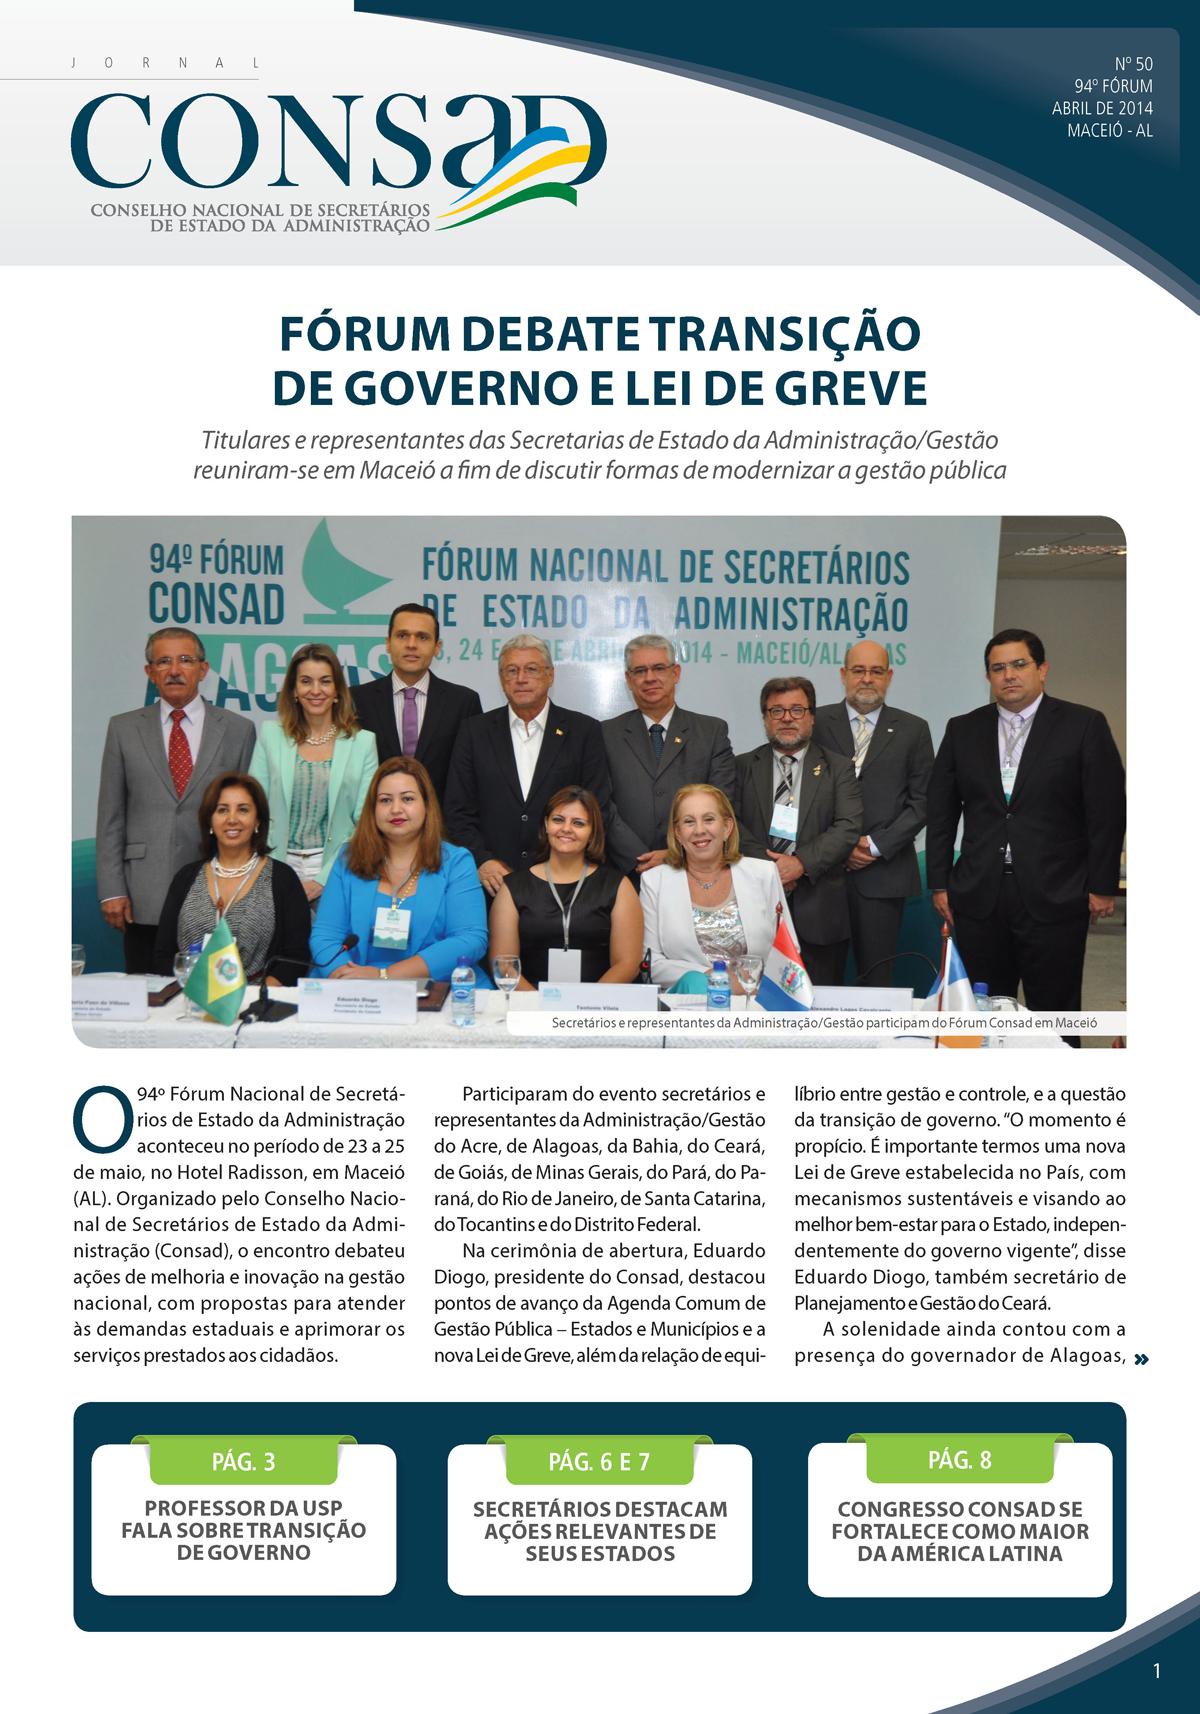 Jornal do Consad Número 50 – Abril de 2014